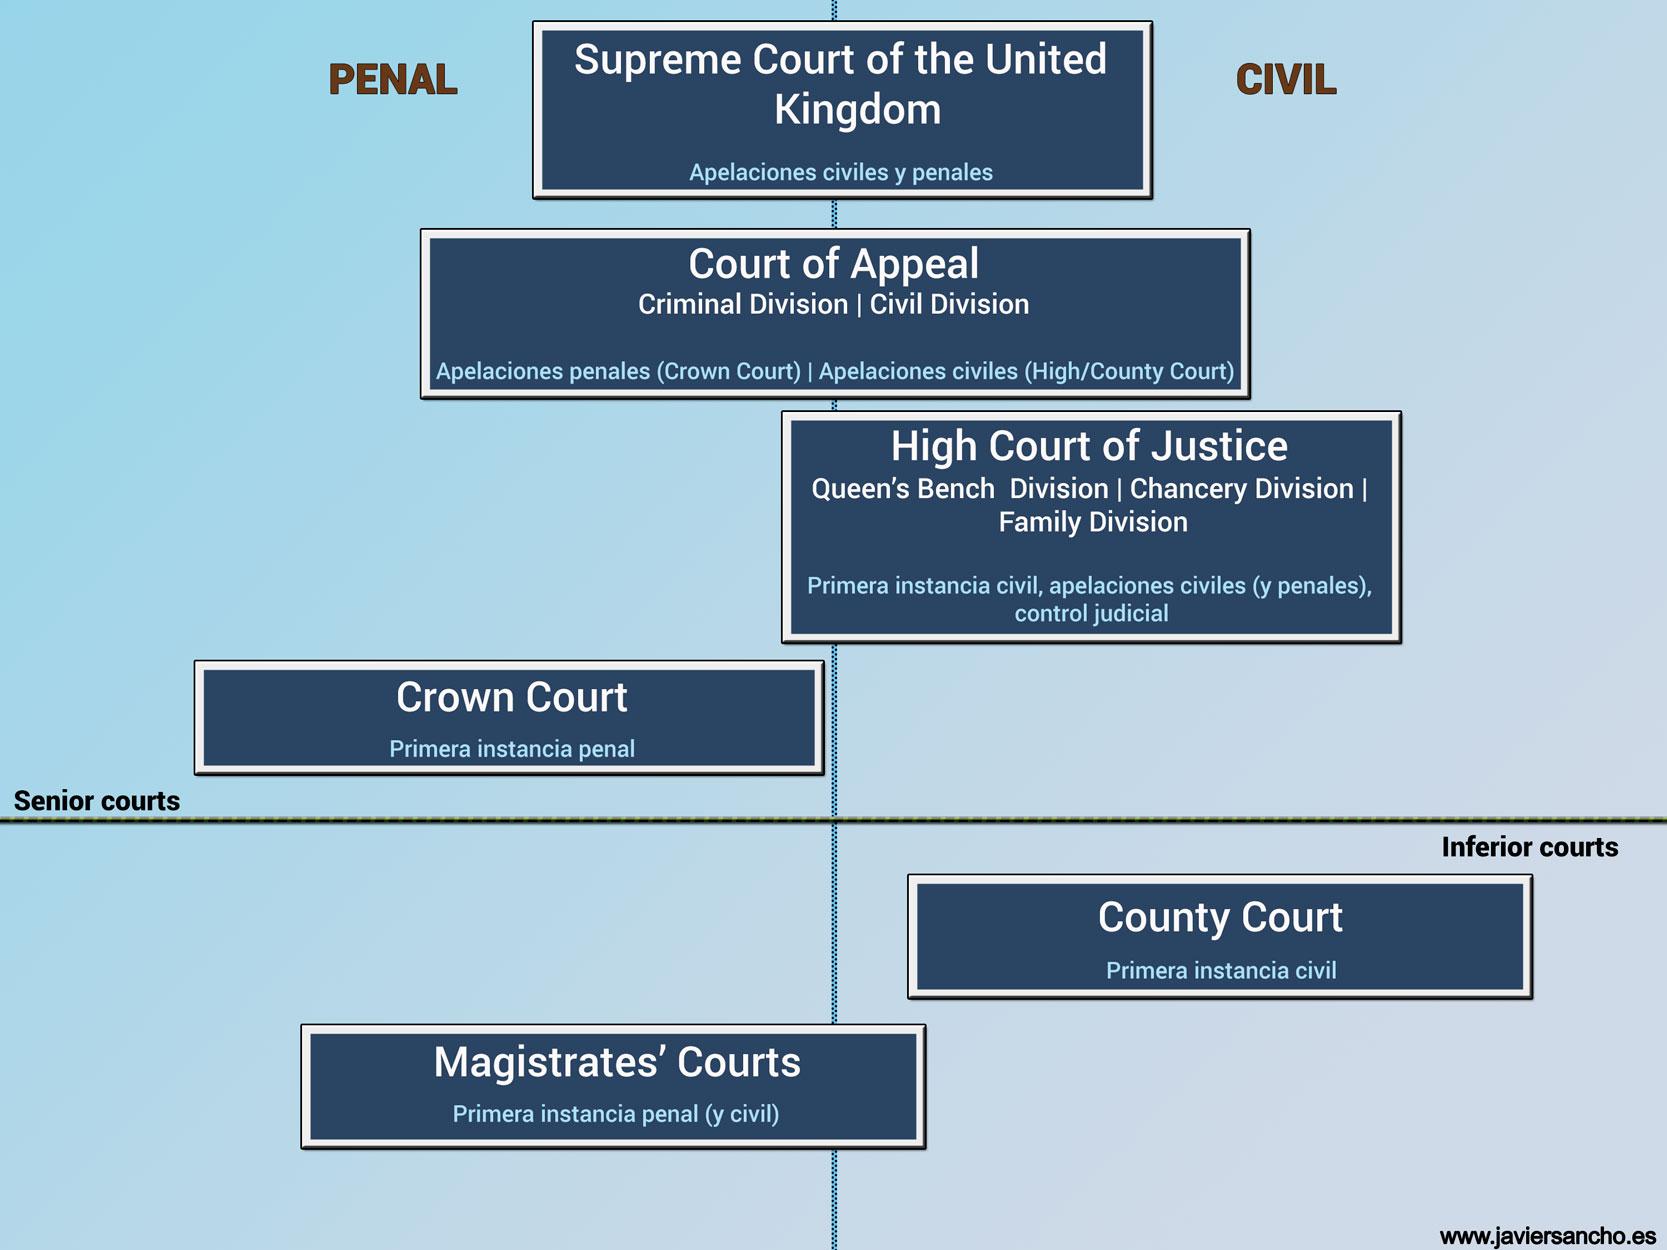 Organización de los tribunales de Inglaterra y Gales